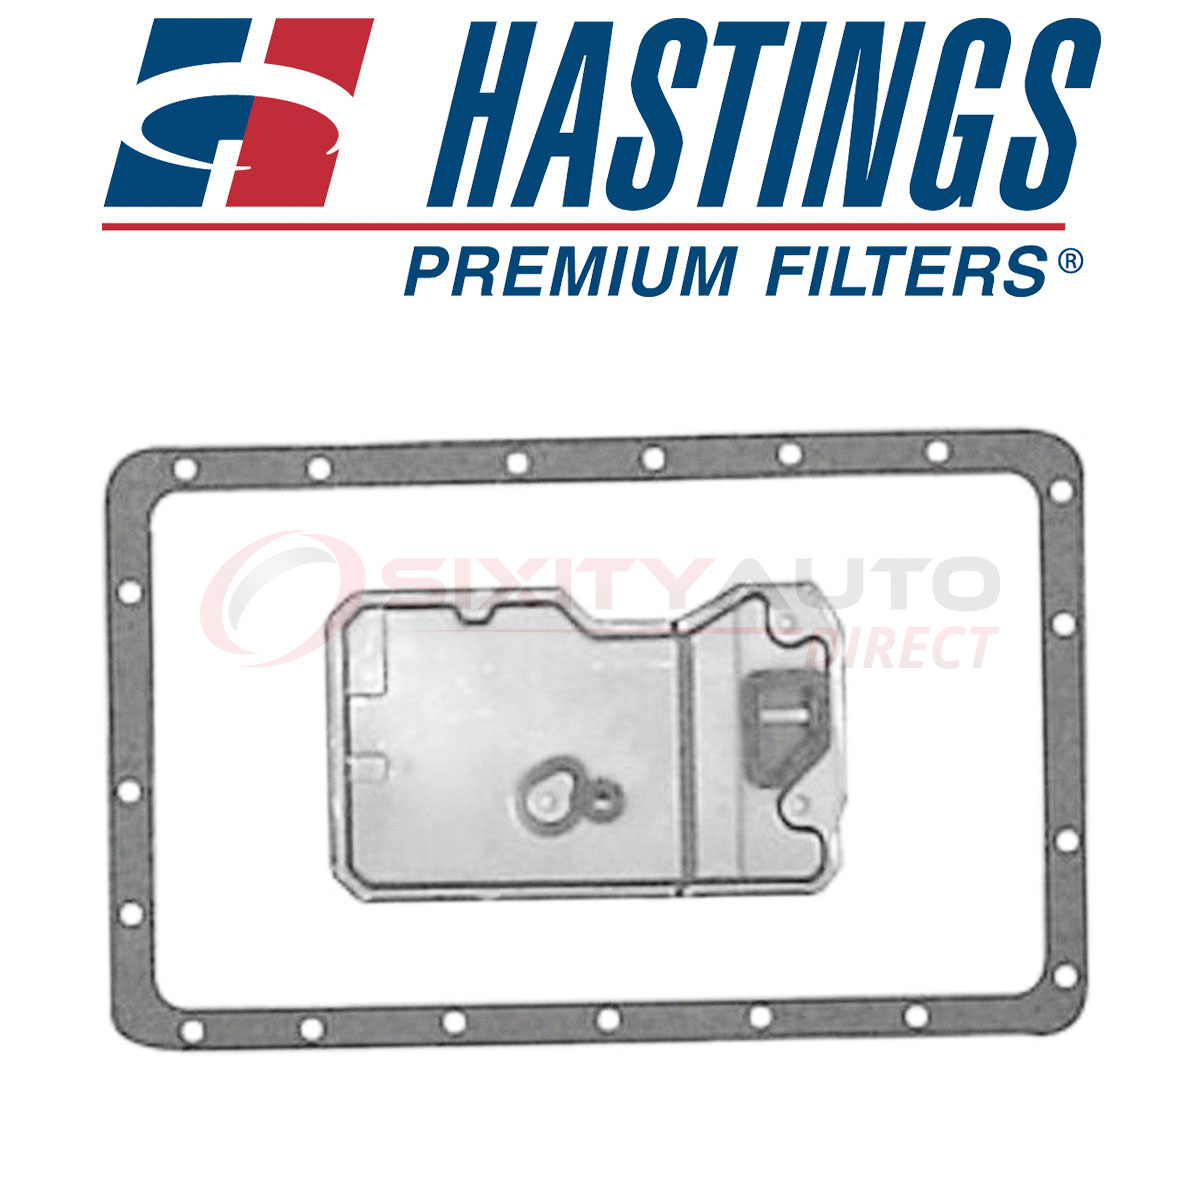 WIX Auto Transmission Filter Kit for 2000-2004 Toyota Tacoma 2.4L 2.7L 3.4L ry